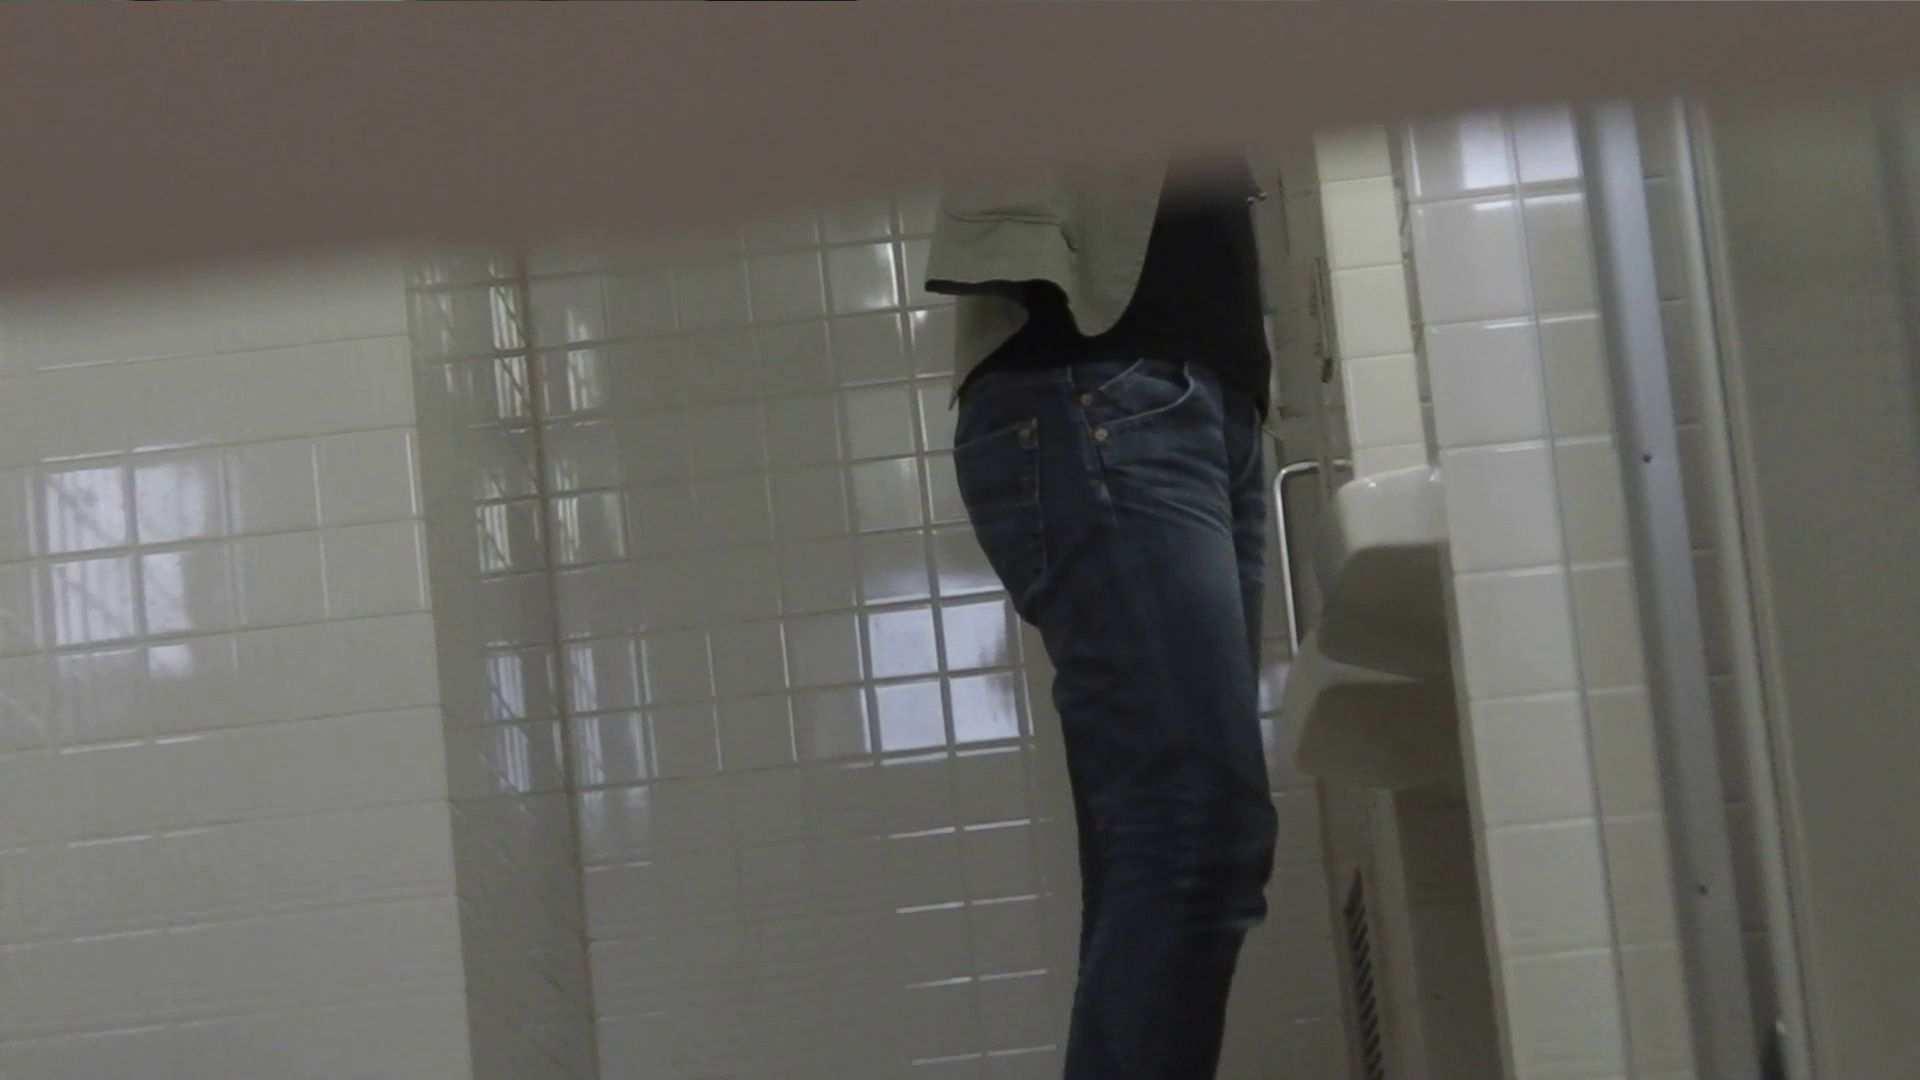 vol.09 命がけ潜伏洗面所! 残念!パンツについちゃいました。 プライベート 盗撮エロ画像 105画像 15